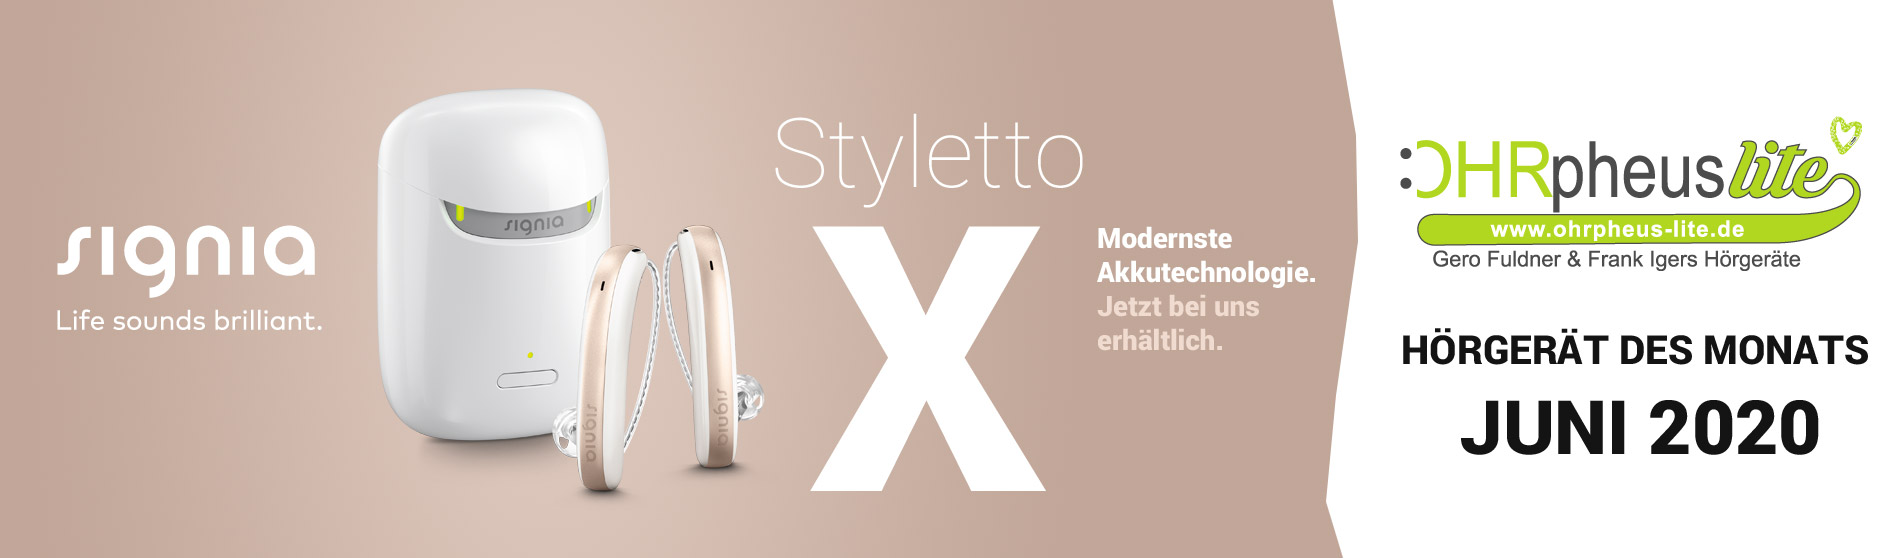 Signia Styletto X Hörgerät Sliderbild